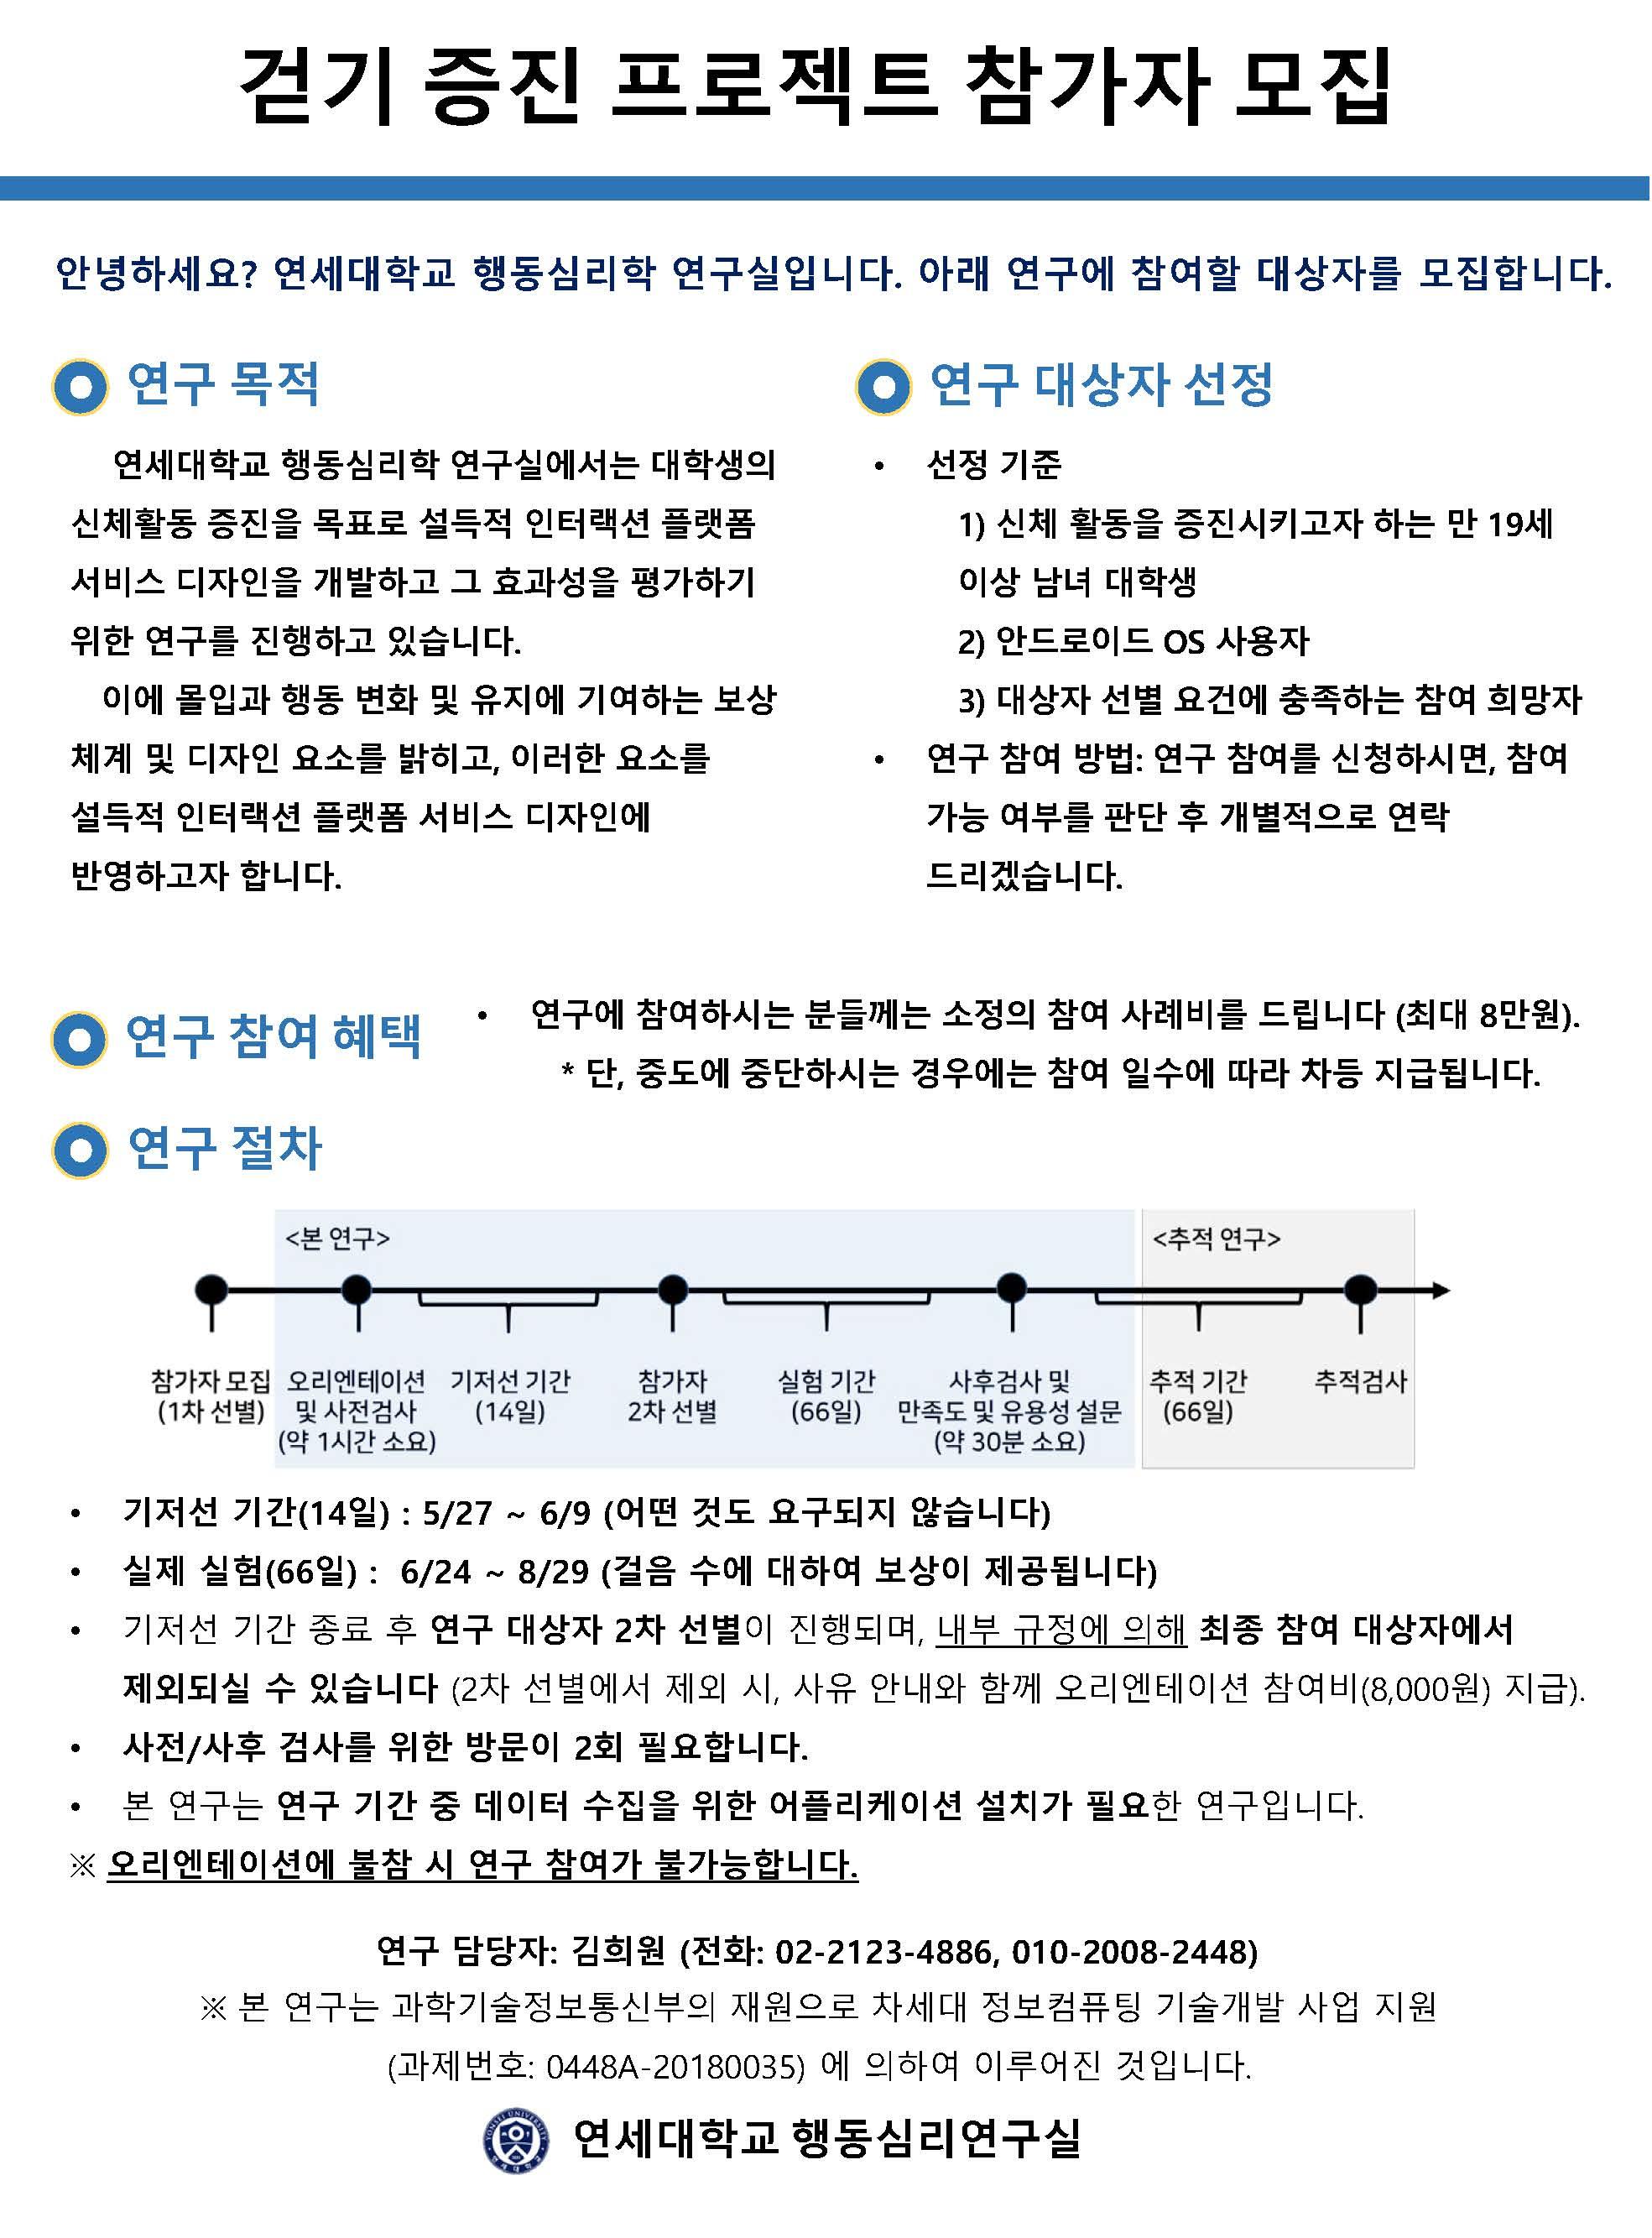 5-1. 기타증빙서류_모집문_연구1_수정.jpg